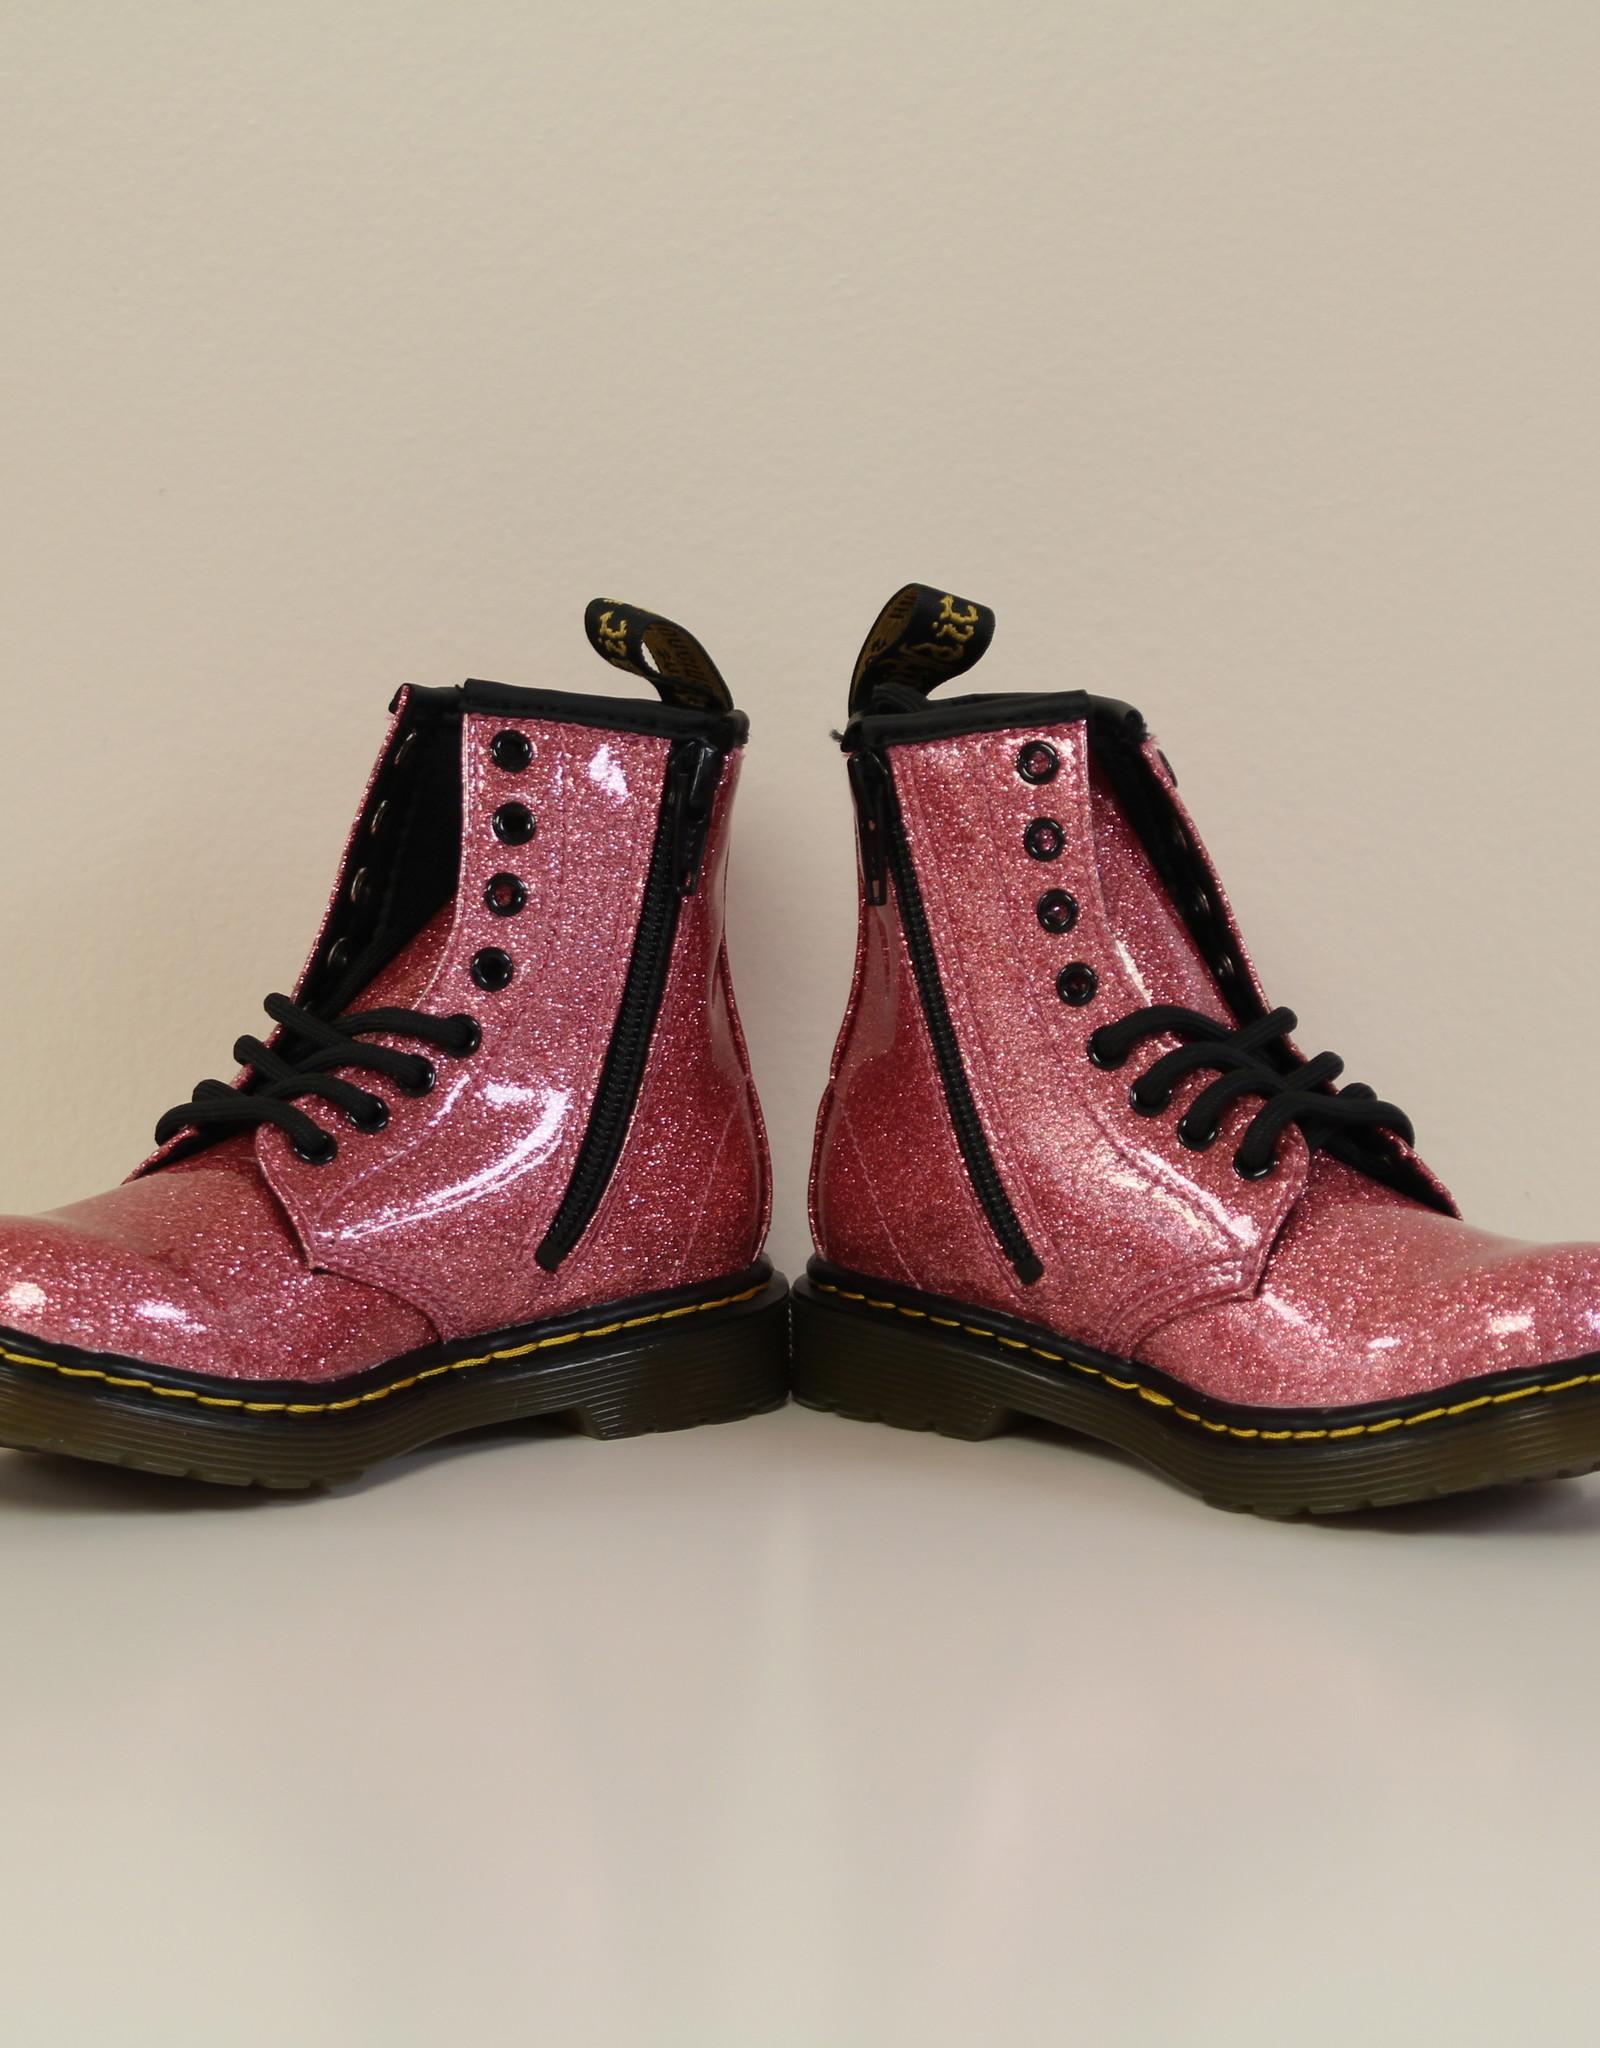 Dr Martens 1460 glitter pink coated